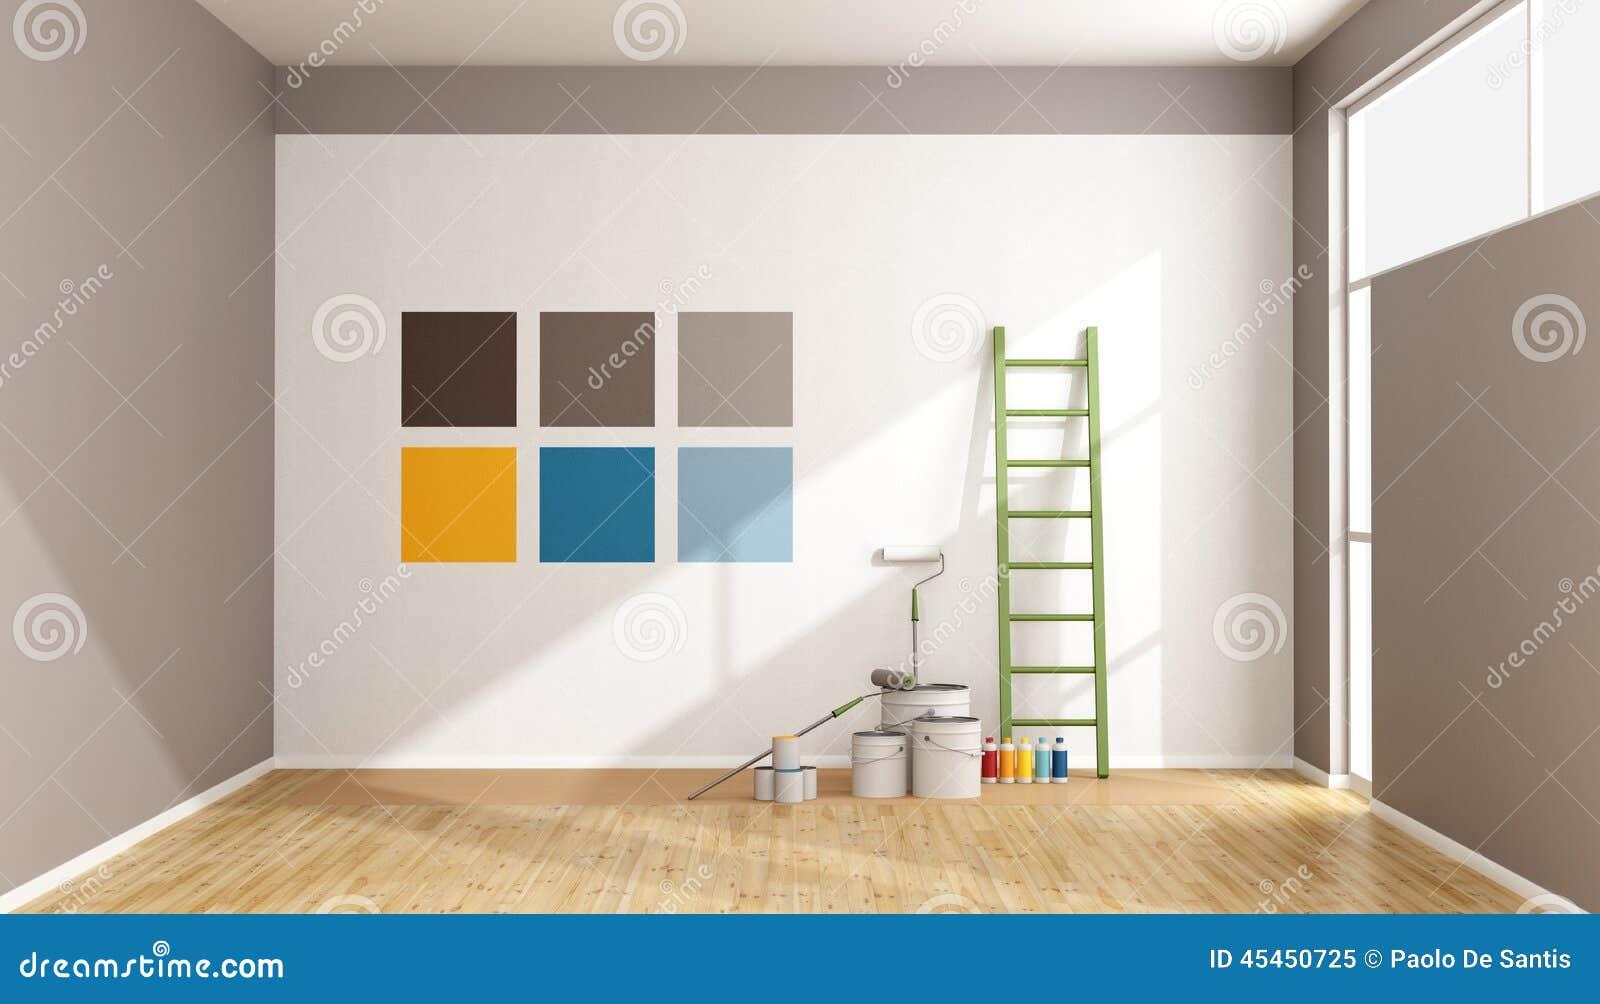 Wahlen Sie Farbenmuster Aus Um Wand Zu Malen Stock Abbildung